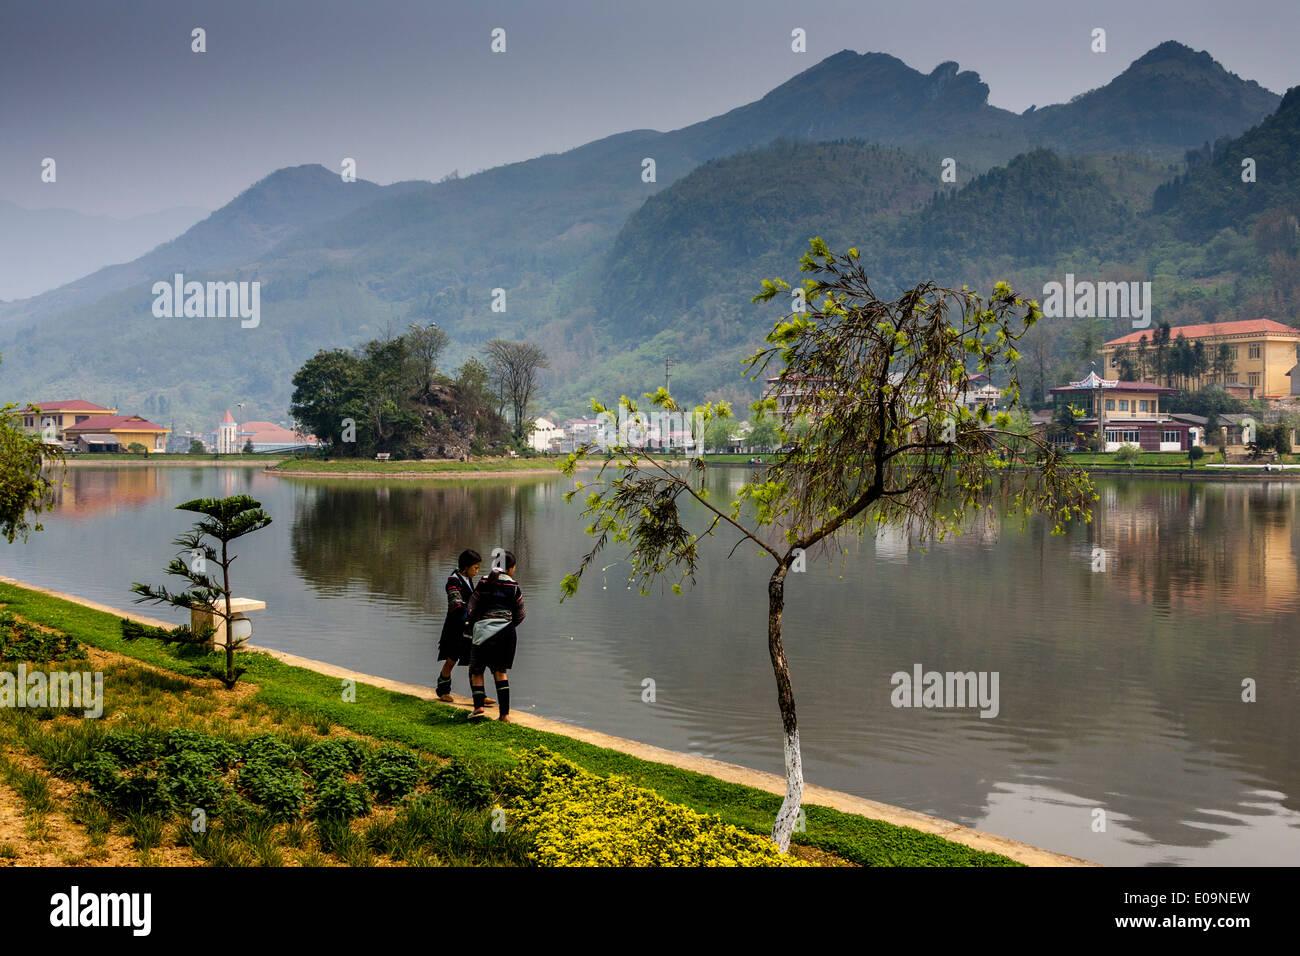 Los niños de la minoría Hmong negro en el lago en Sa Pa, provincia de Lao Cai, Vietnam Imagen De Stock